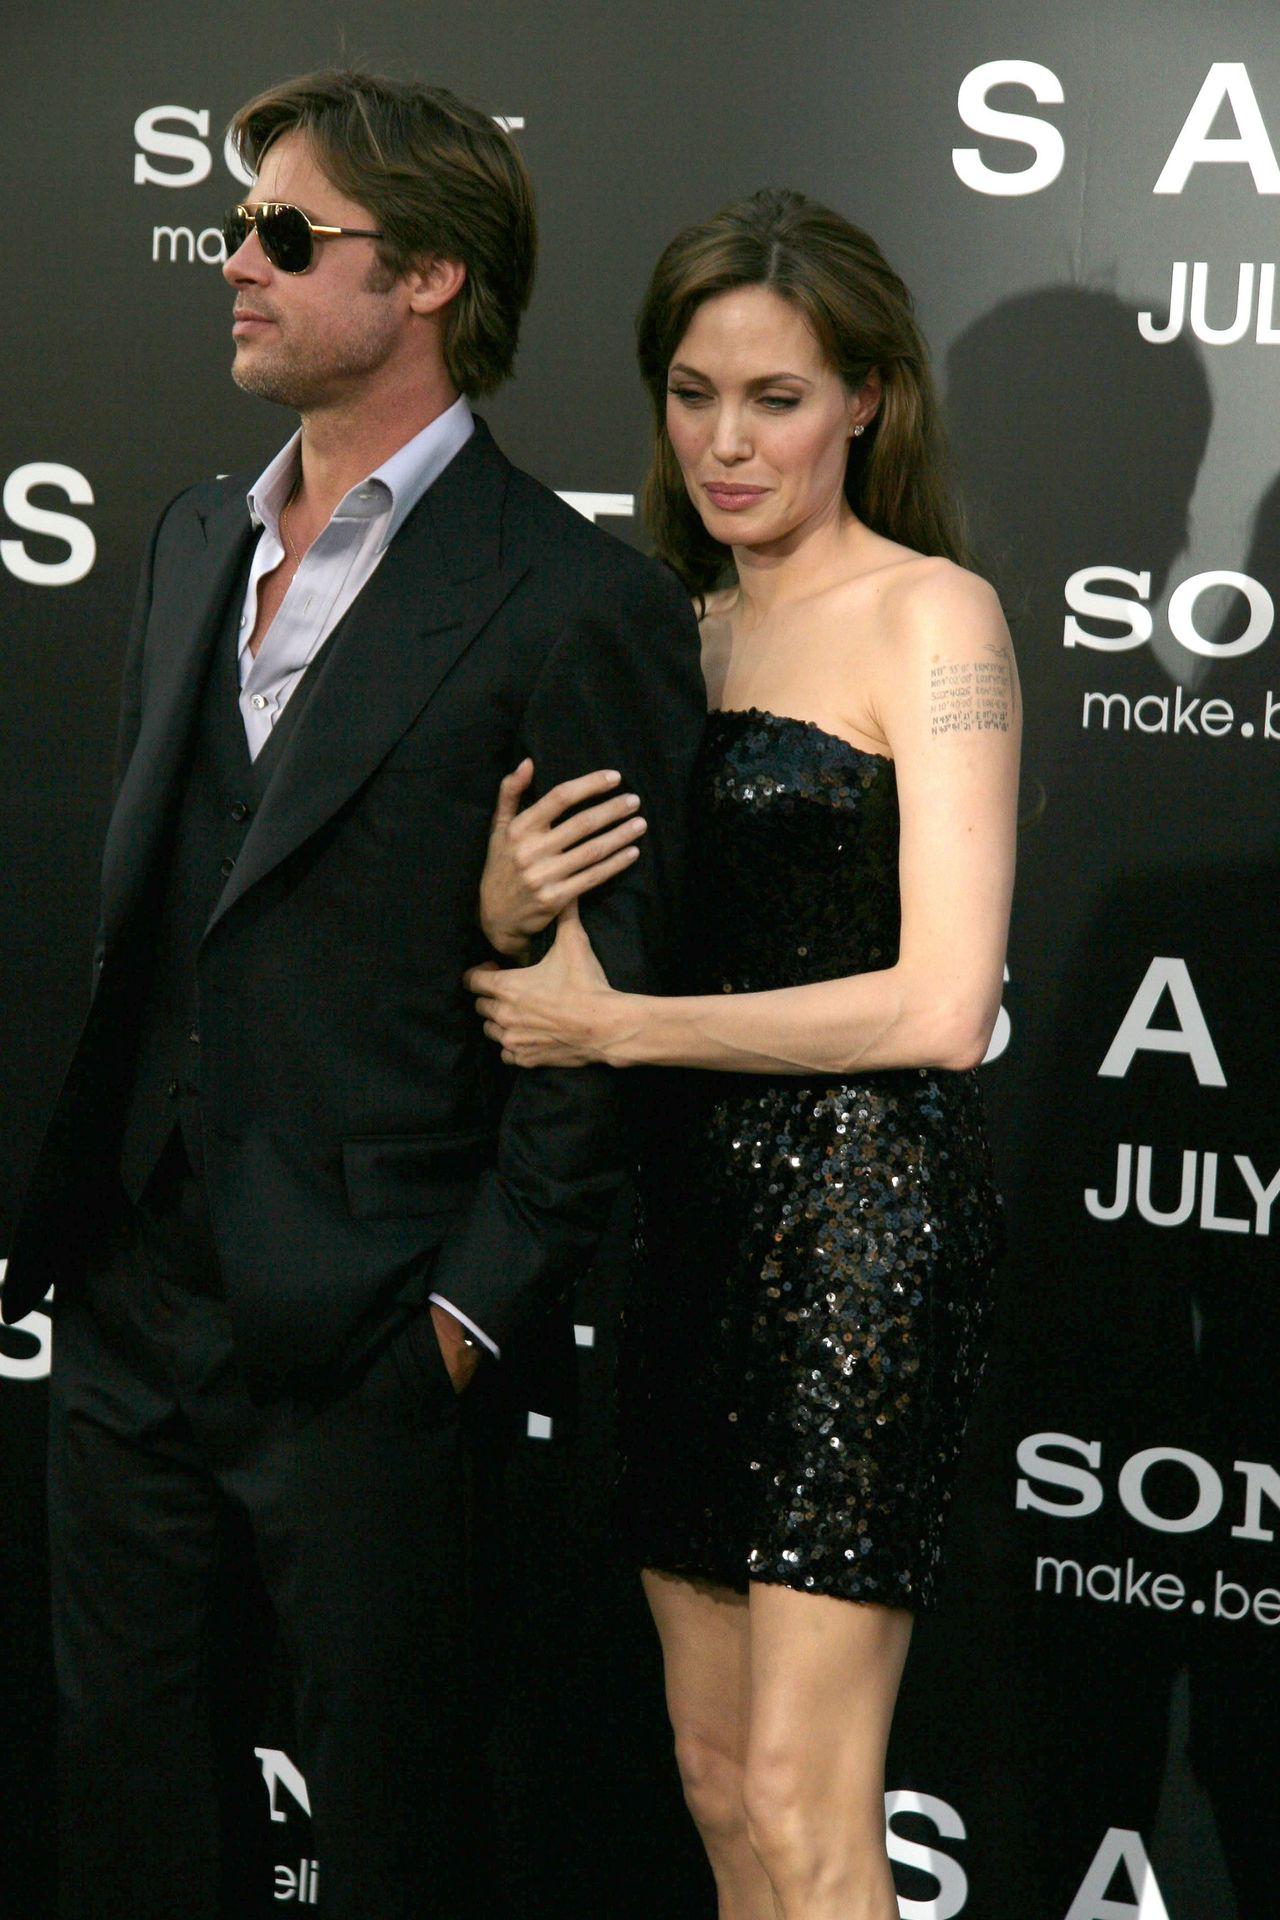 Tak NAPRAWDĘ wygląda relacja Angeliny i Brada!